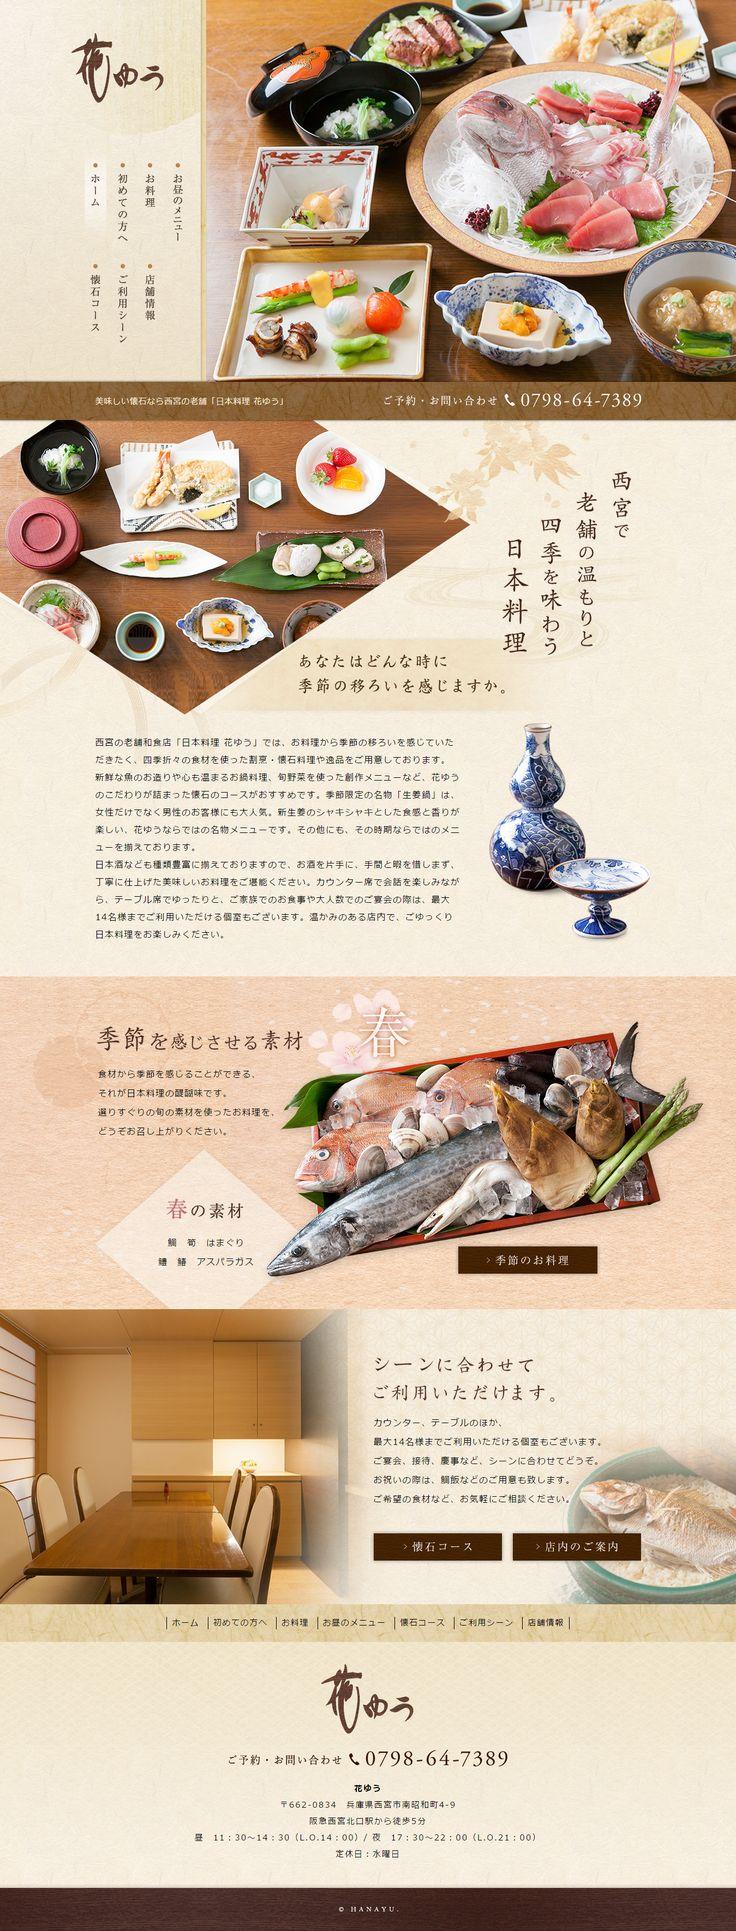 西宮の老舗和食店「日本料理 花ゆう」